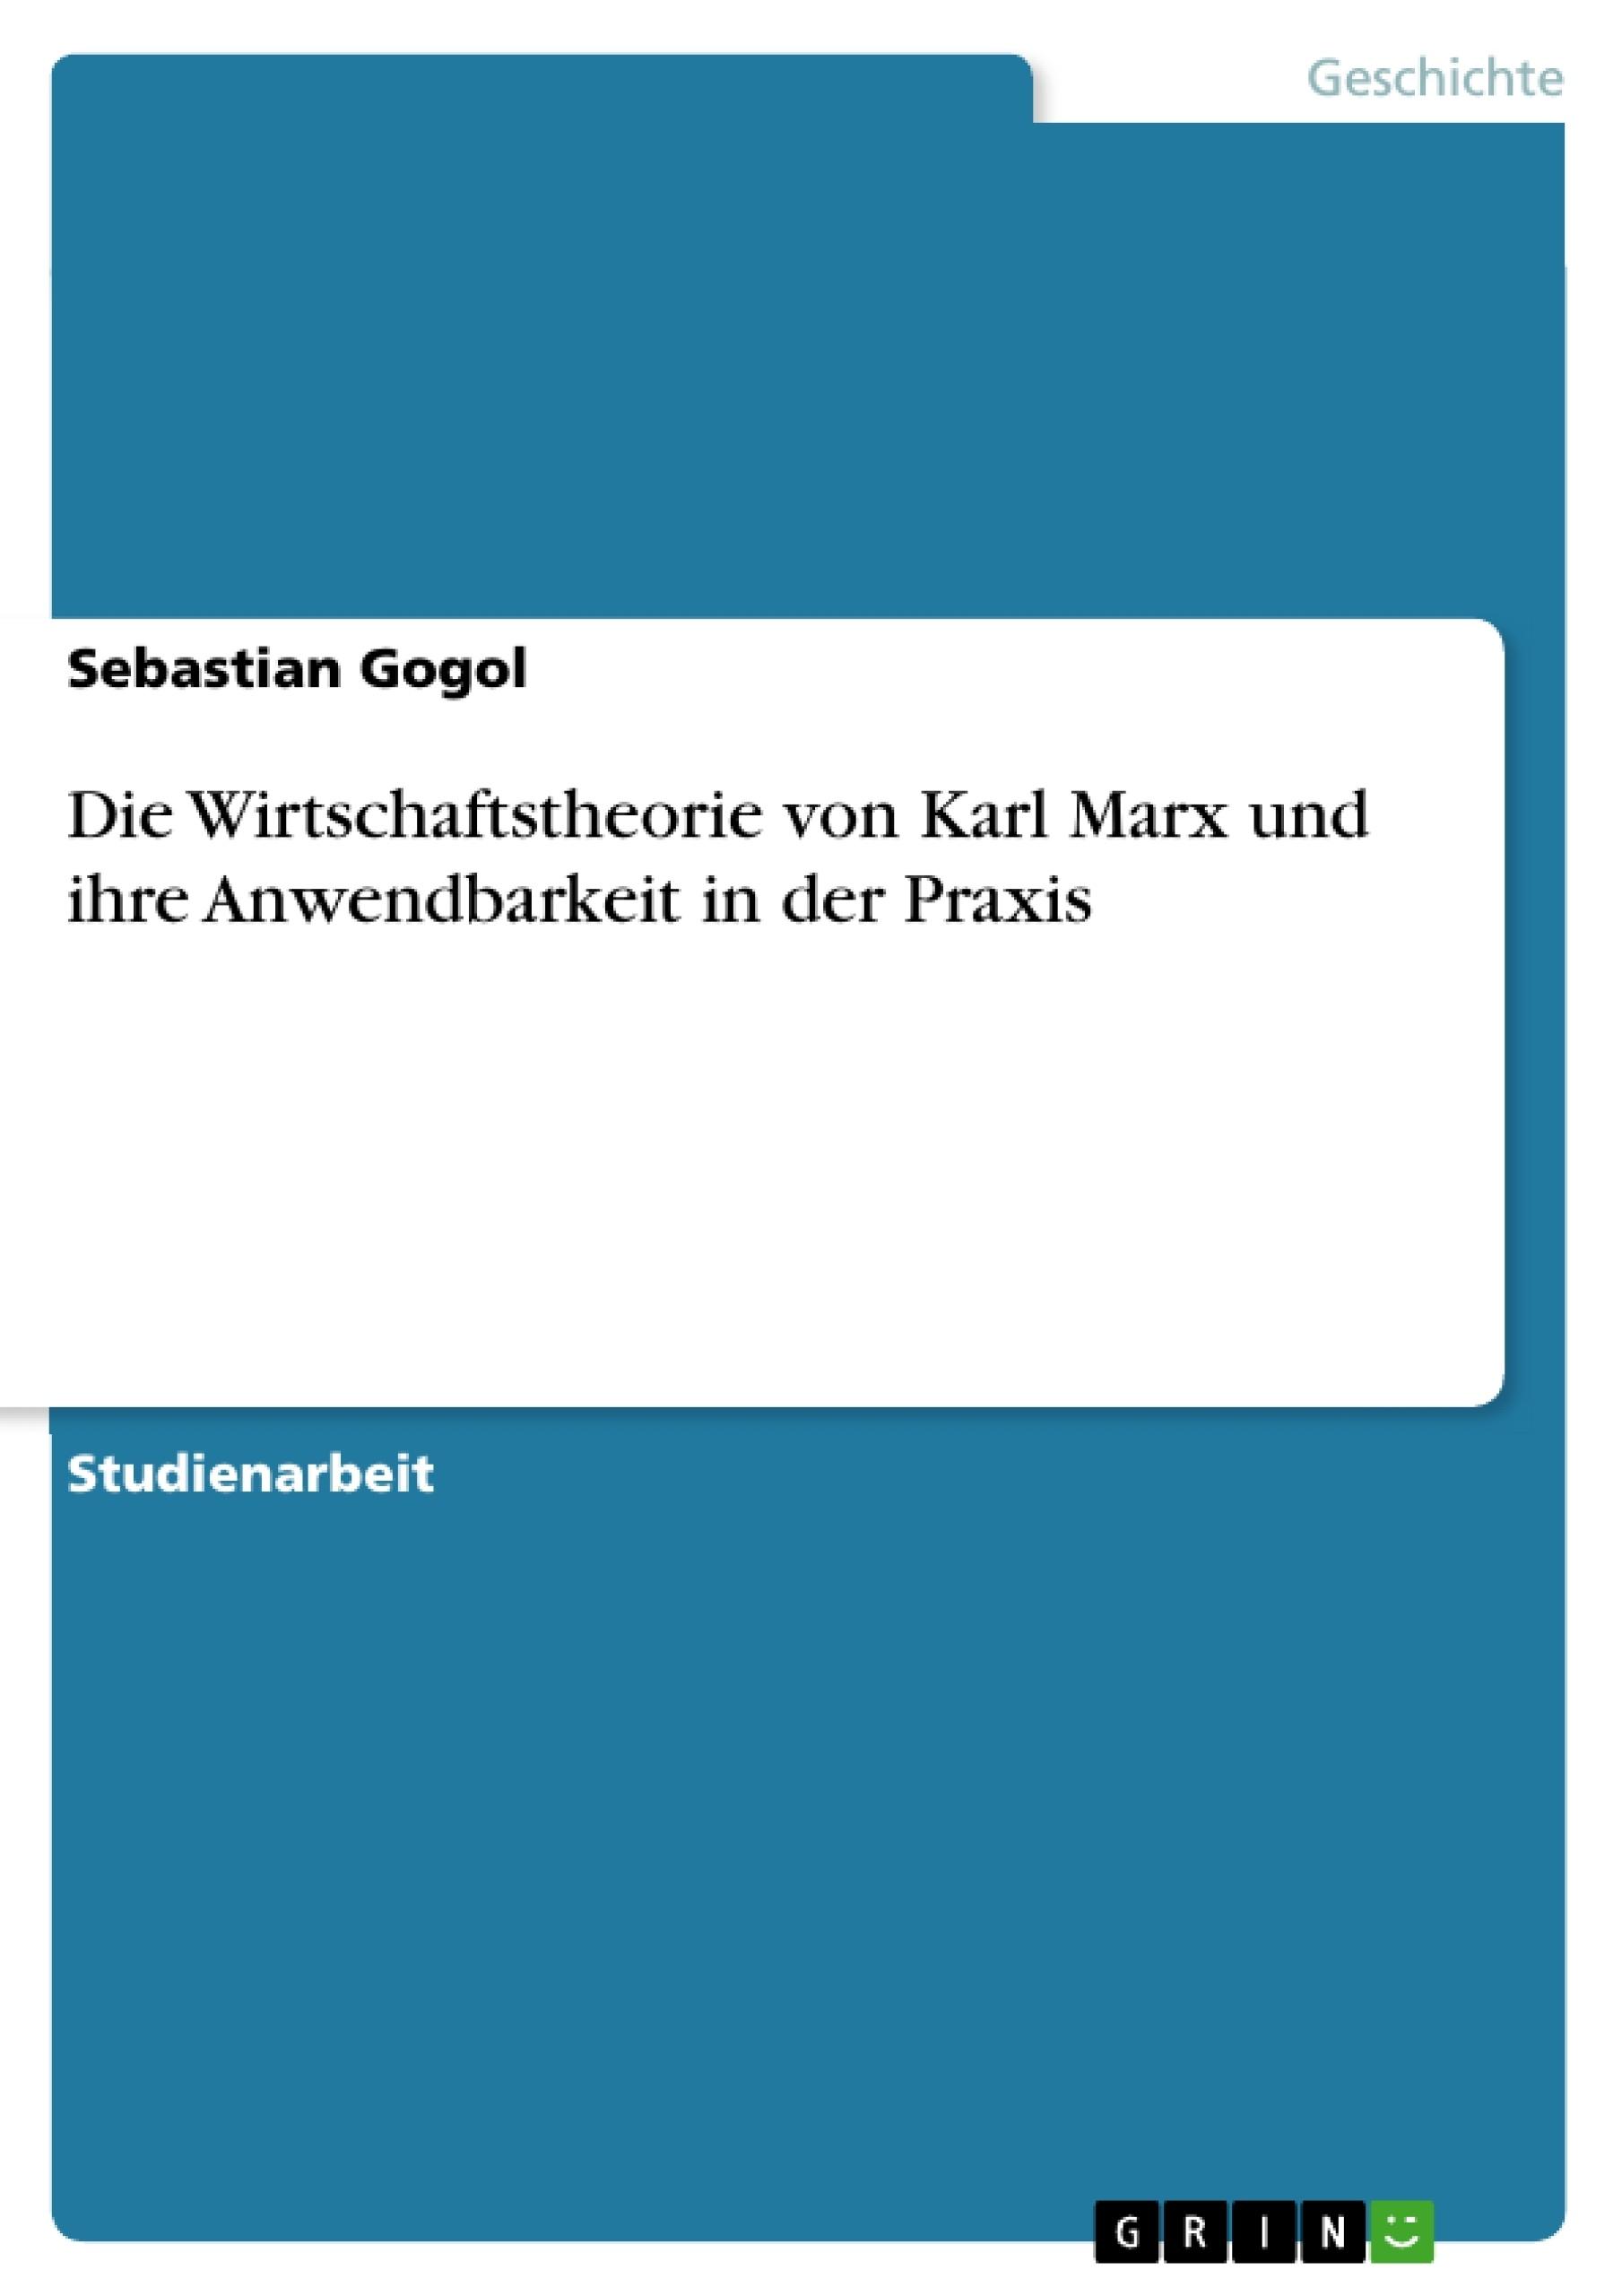 Titel: Die Wirtschaftstheorie von Karl Marx und ihre Anwendbarkeit in der Praxis